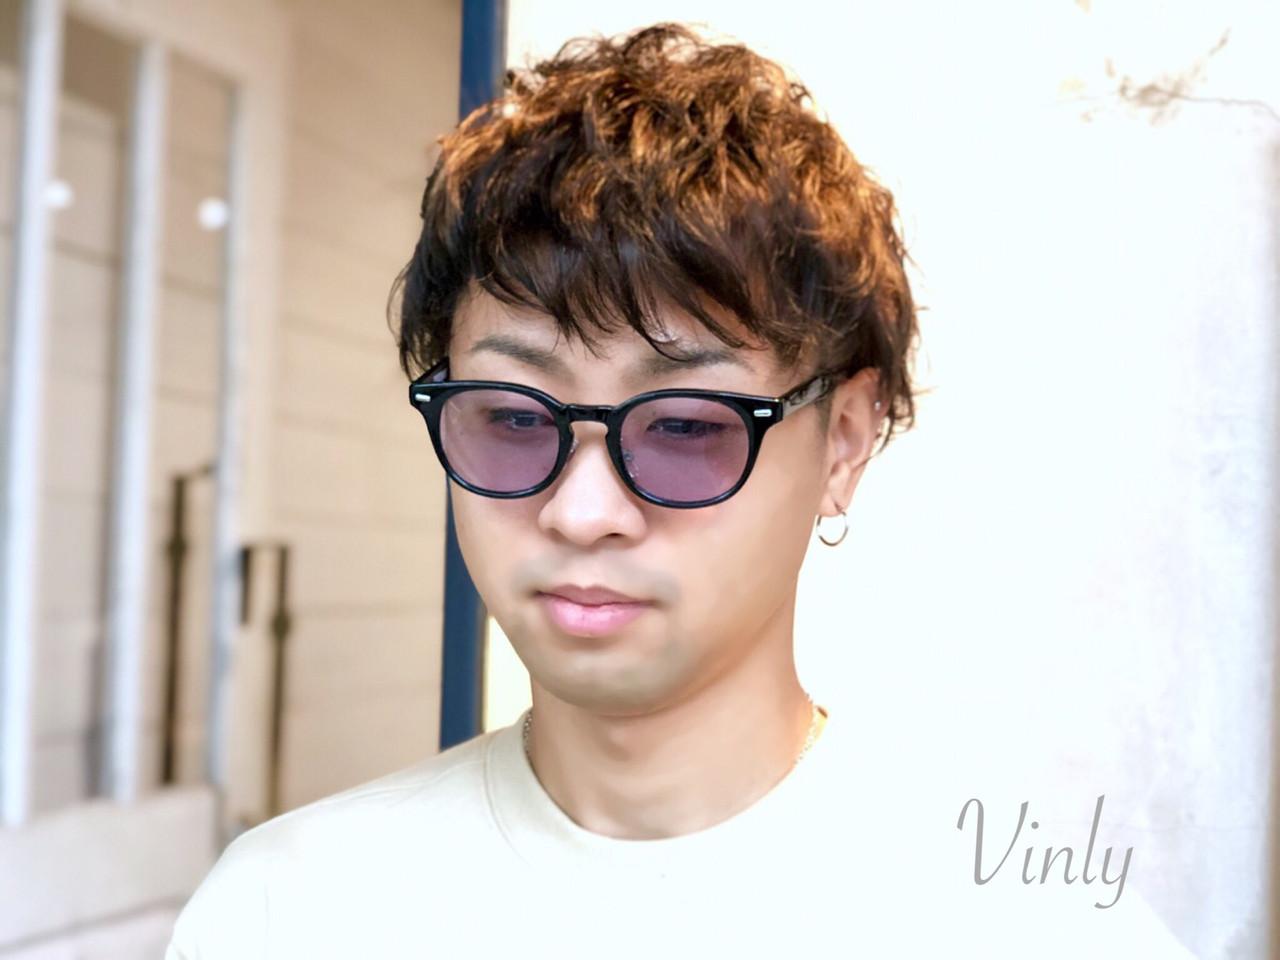 デート ショート 簡単ヘアアレンジ スポーツ ヘアスタイルや髪型の写真・画像 | norihiko yoshimoto / Vinly hair salon